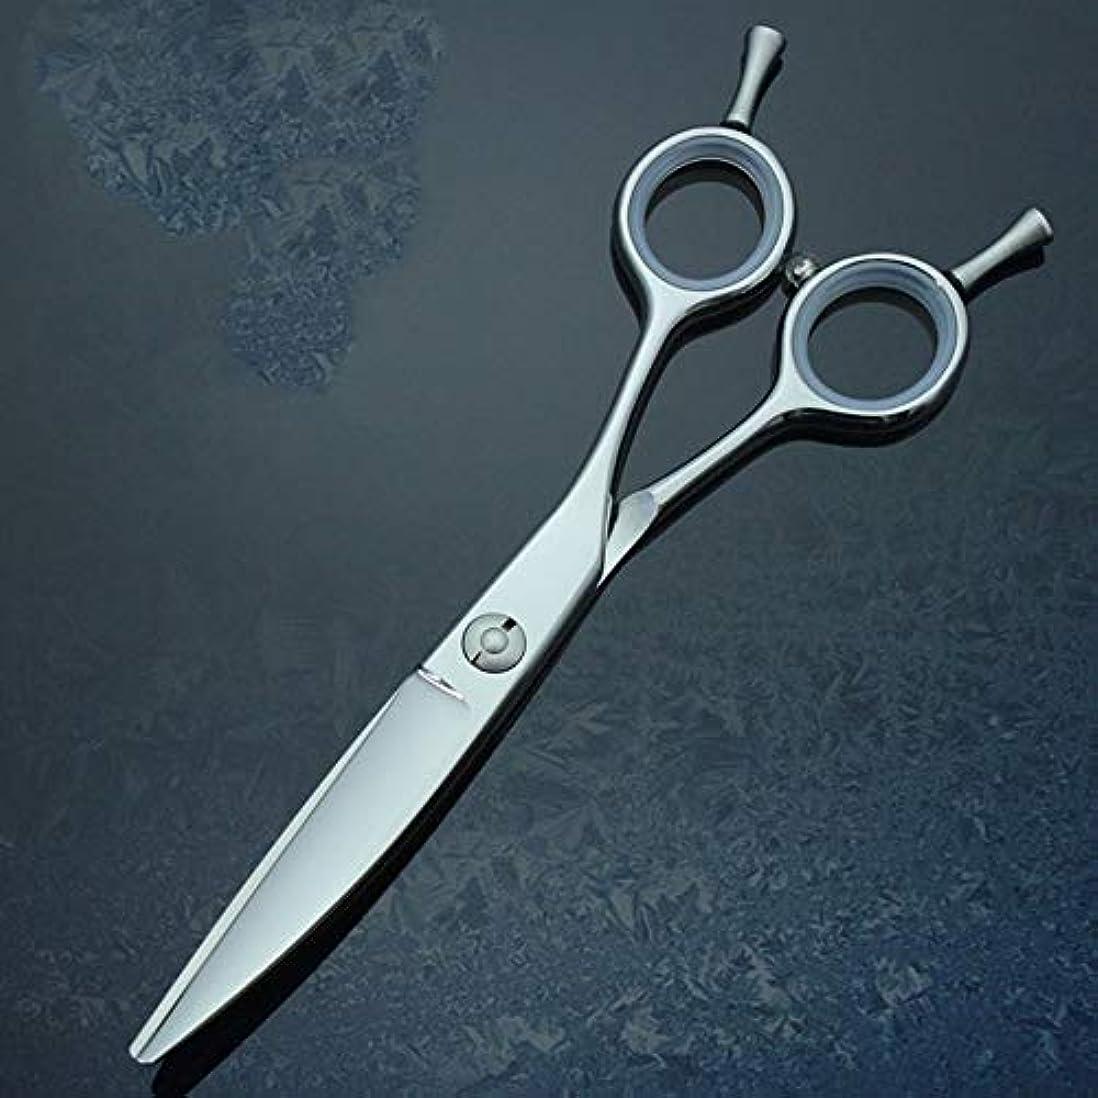 クッションメガロポリス仕事WASAIO 理髪ウィローワープ曲げせん断6.0インチに設定し、歯を薄くヘアカットのはさみはさみプロフェッショナルMustacheProfessional理容サロンレイザーエッジツール (色 : Silver)